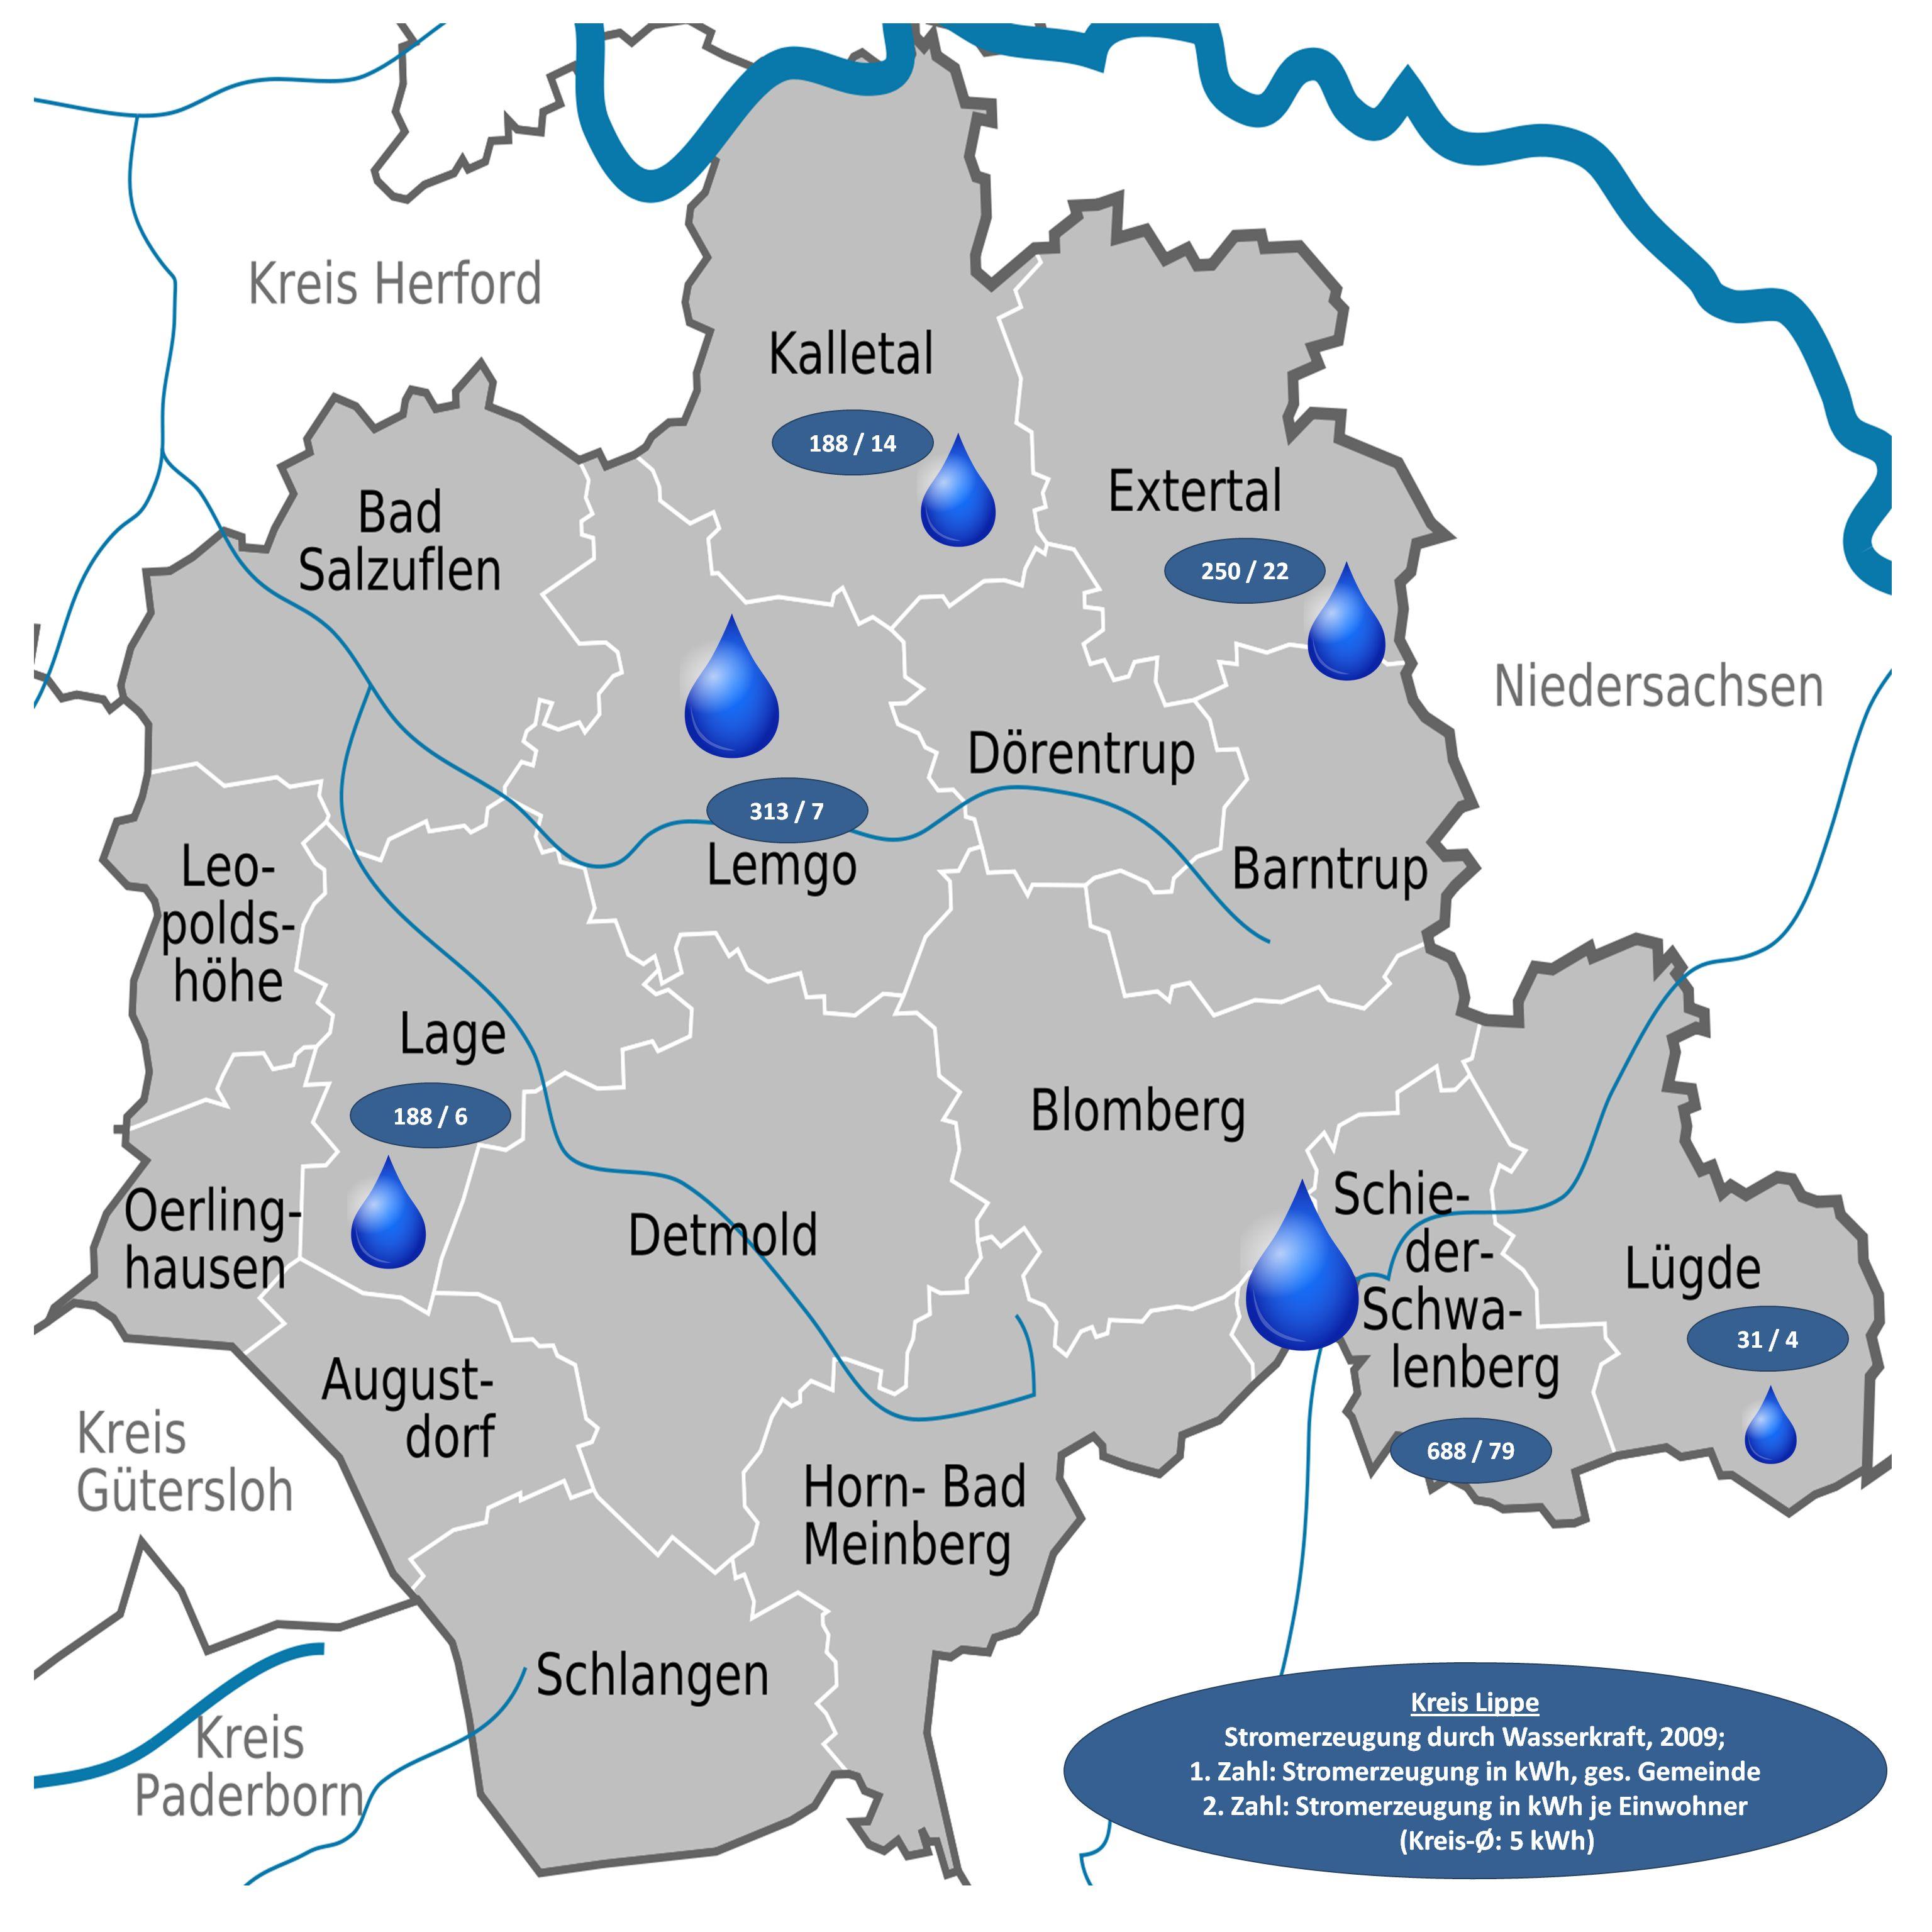 wasserkraftwerke in deutschland karte File:D+NW+LIP   Stromerzeugung durch Wasserkraft 2009.